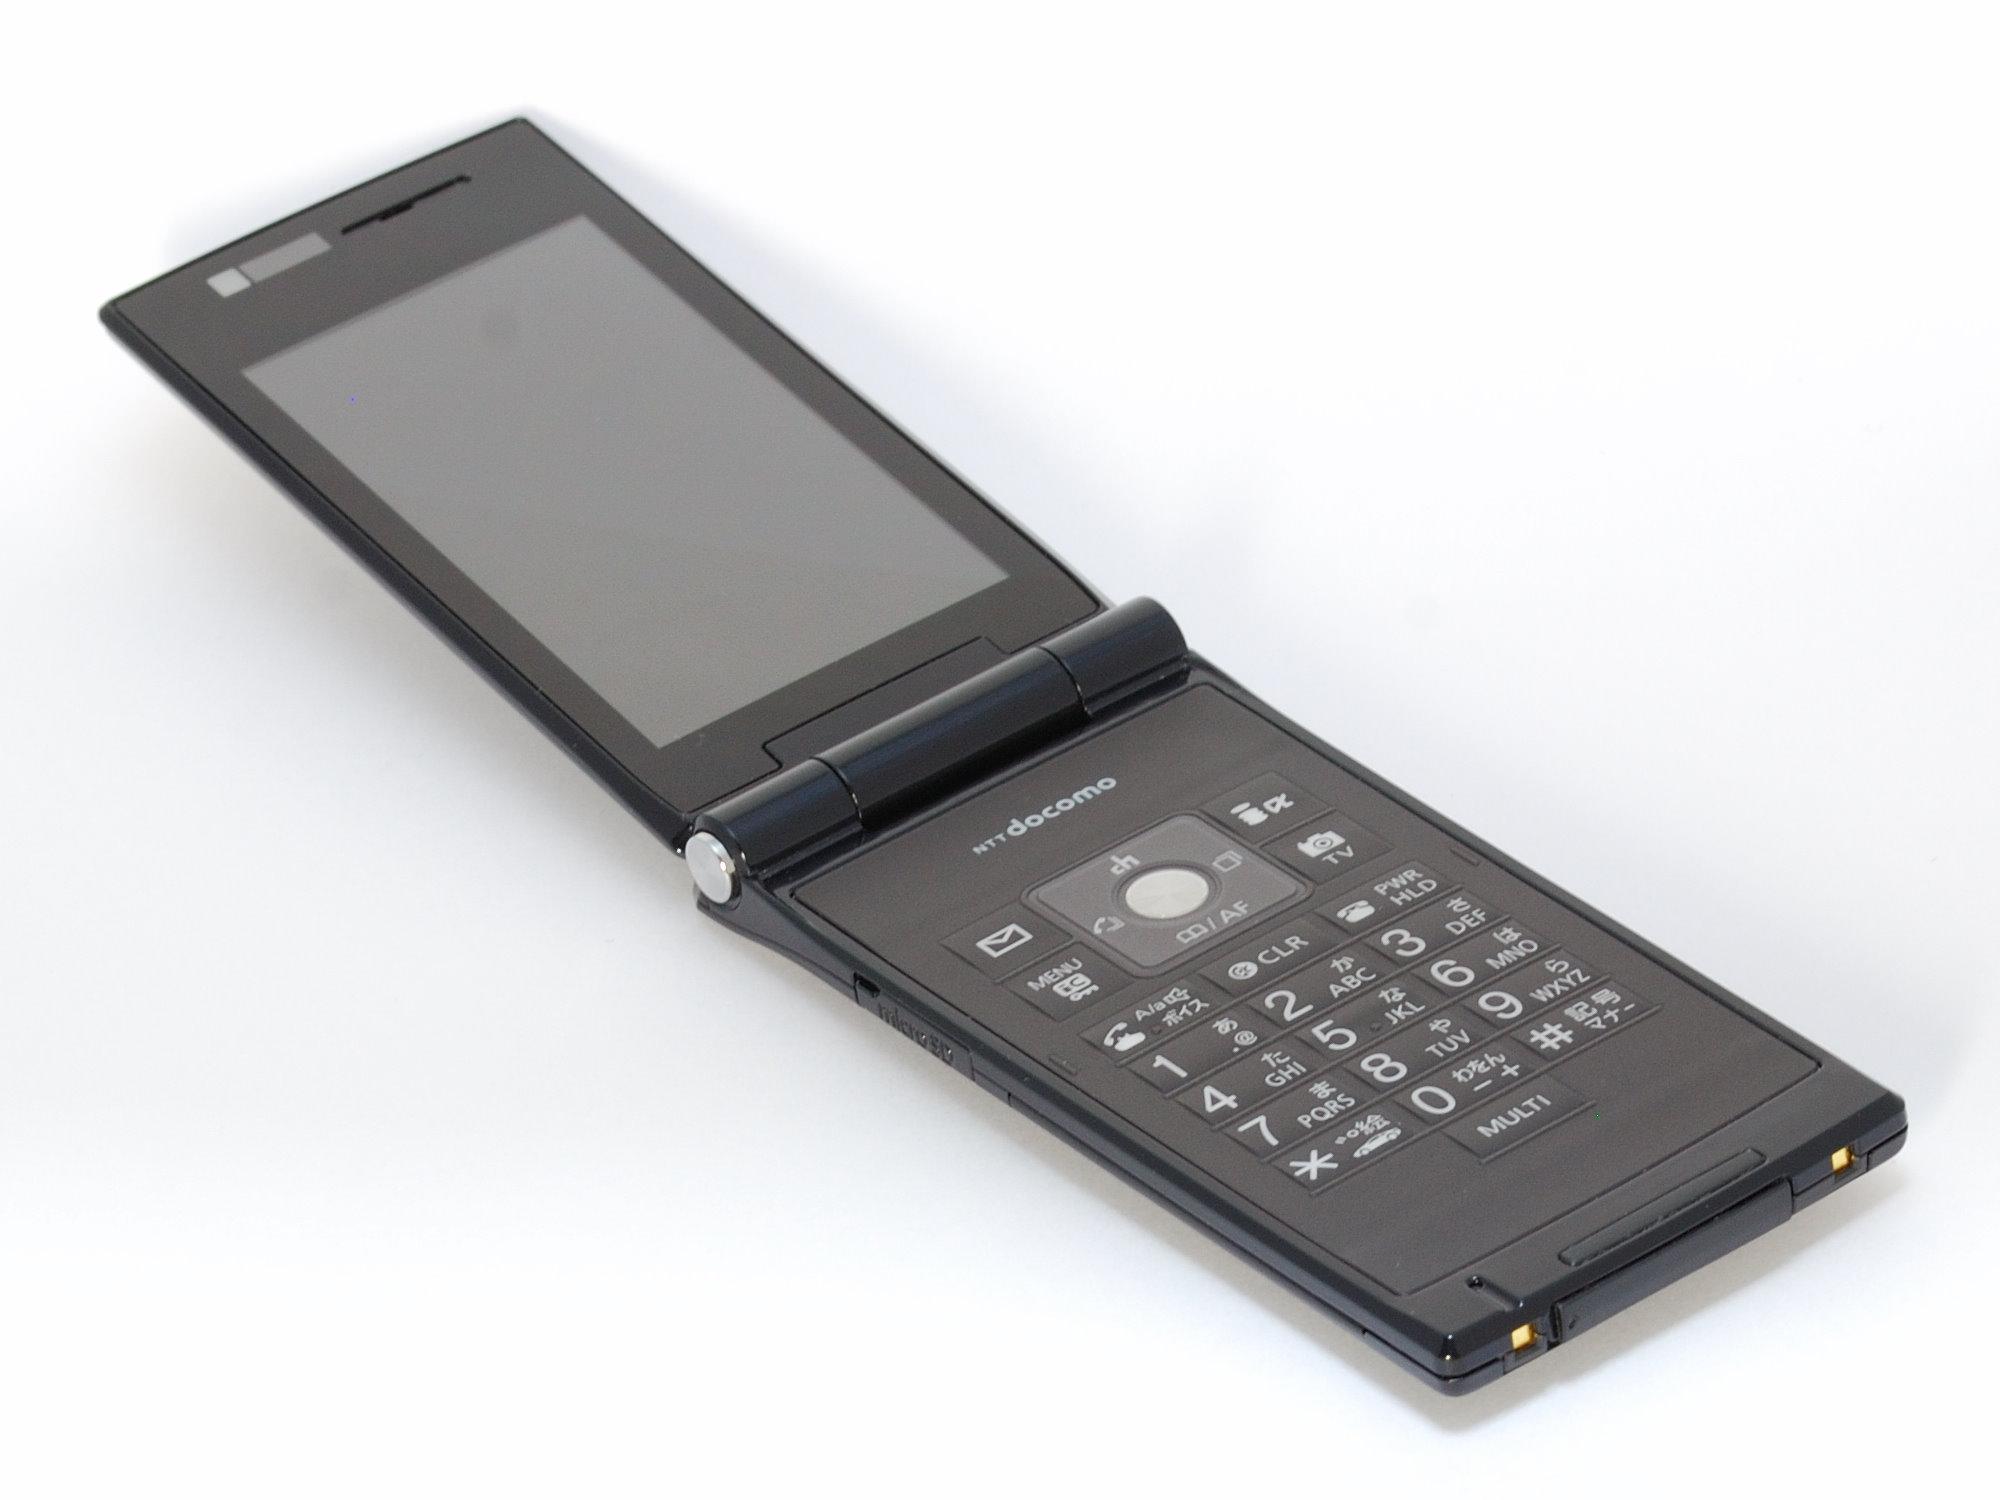 「携帯電話」の画像です。